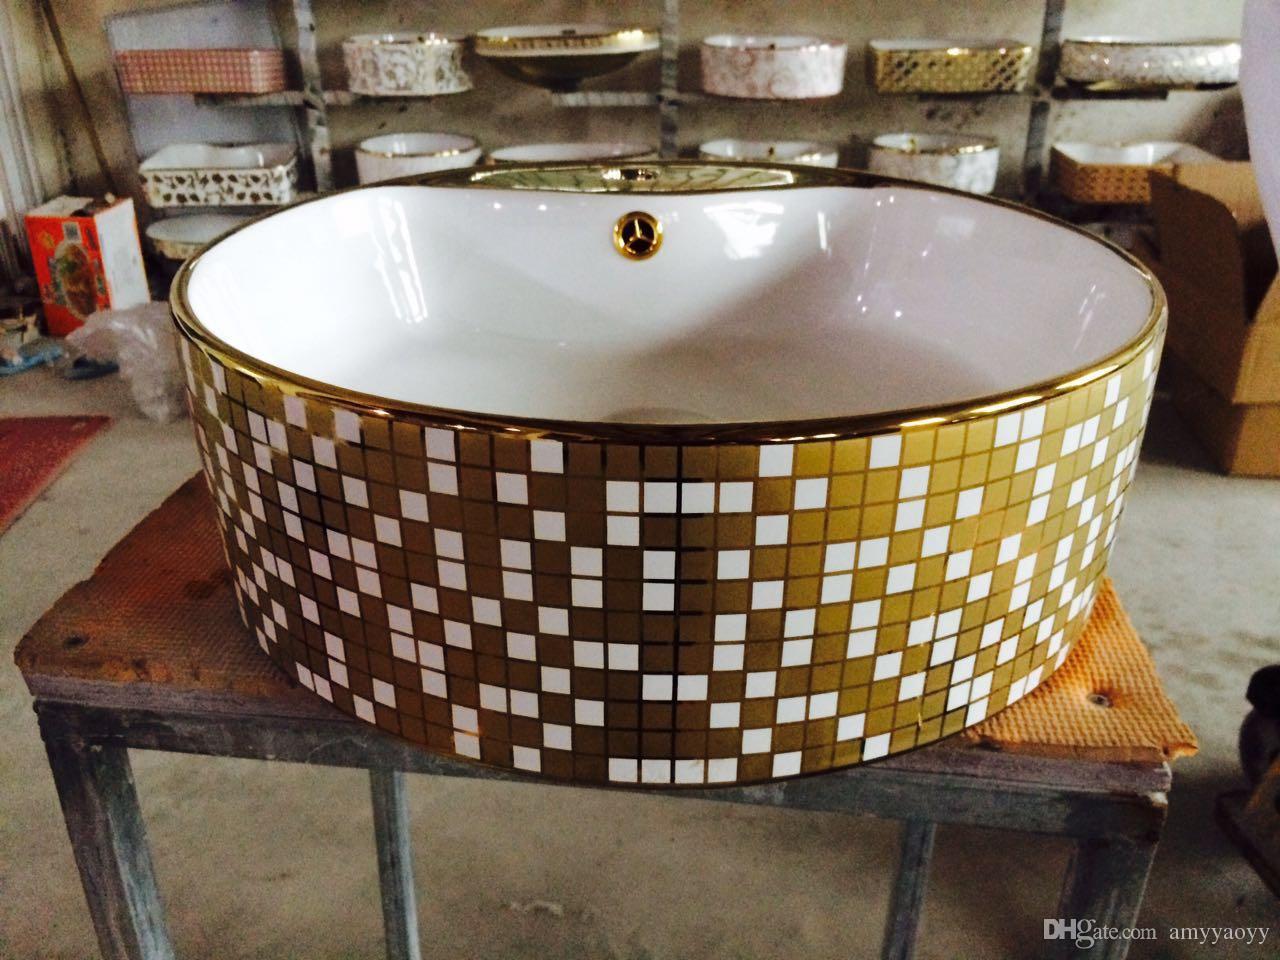 Acquista Lavabo In Oro Ceramico Il Design D\'oro Del Bagno D\'arte ...